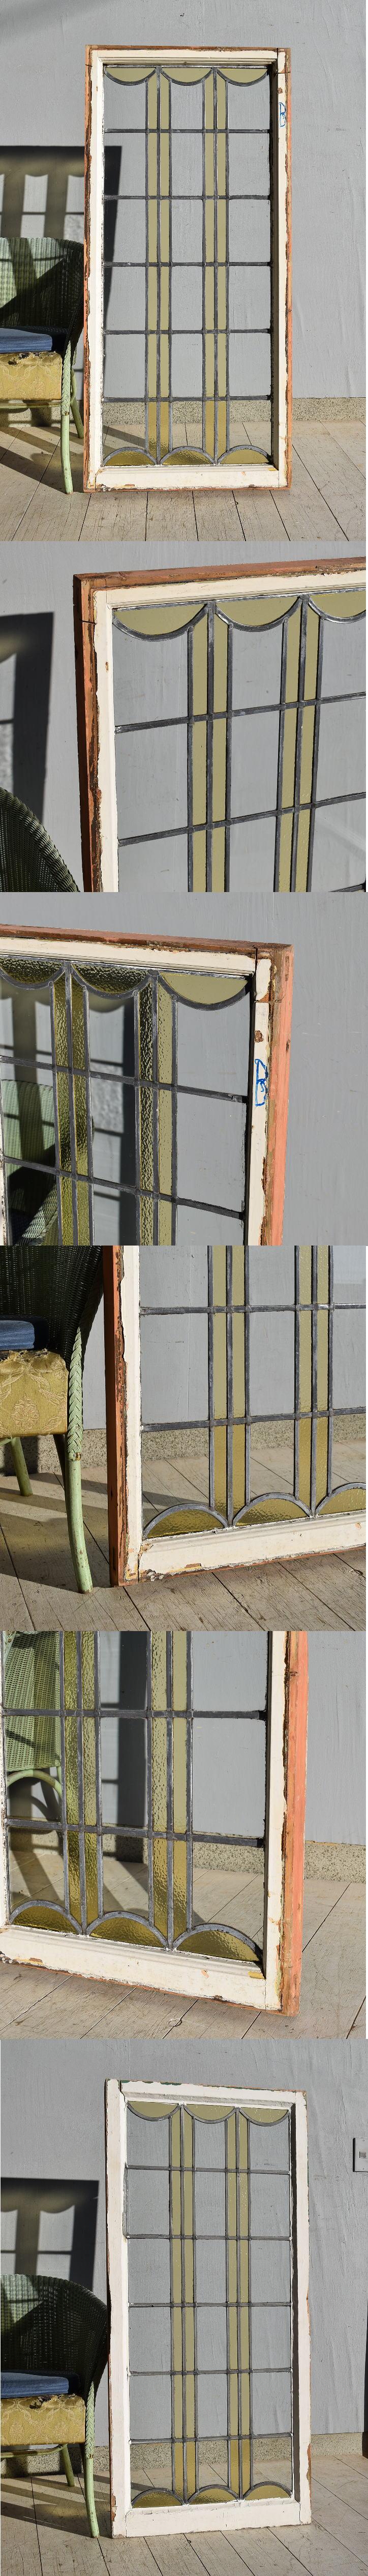 イギリス アンティーク ステンドグラス 窓 7581